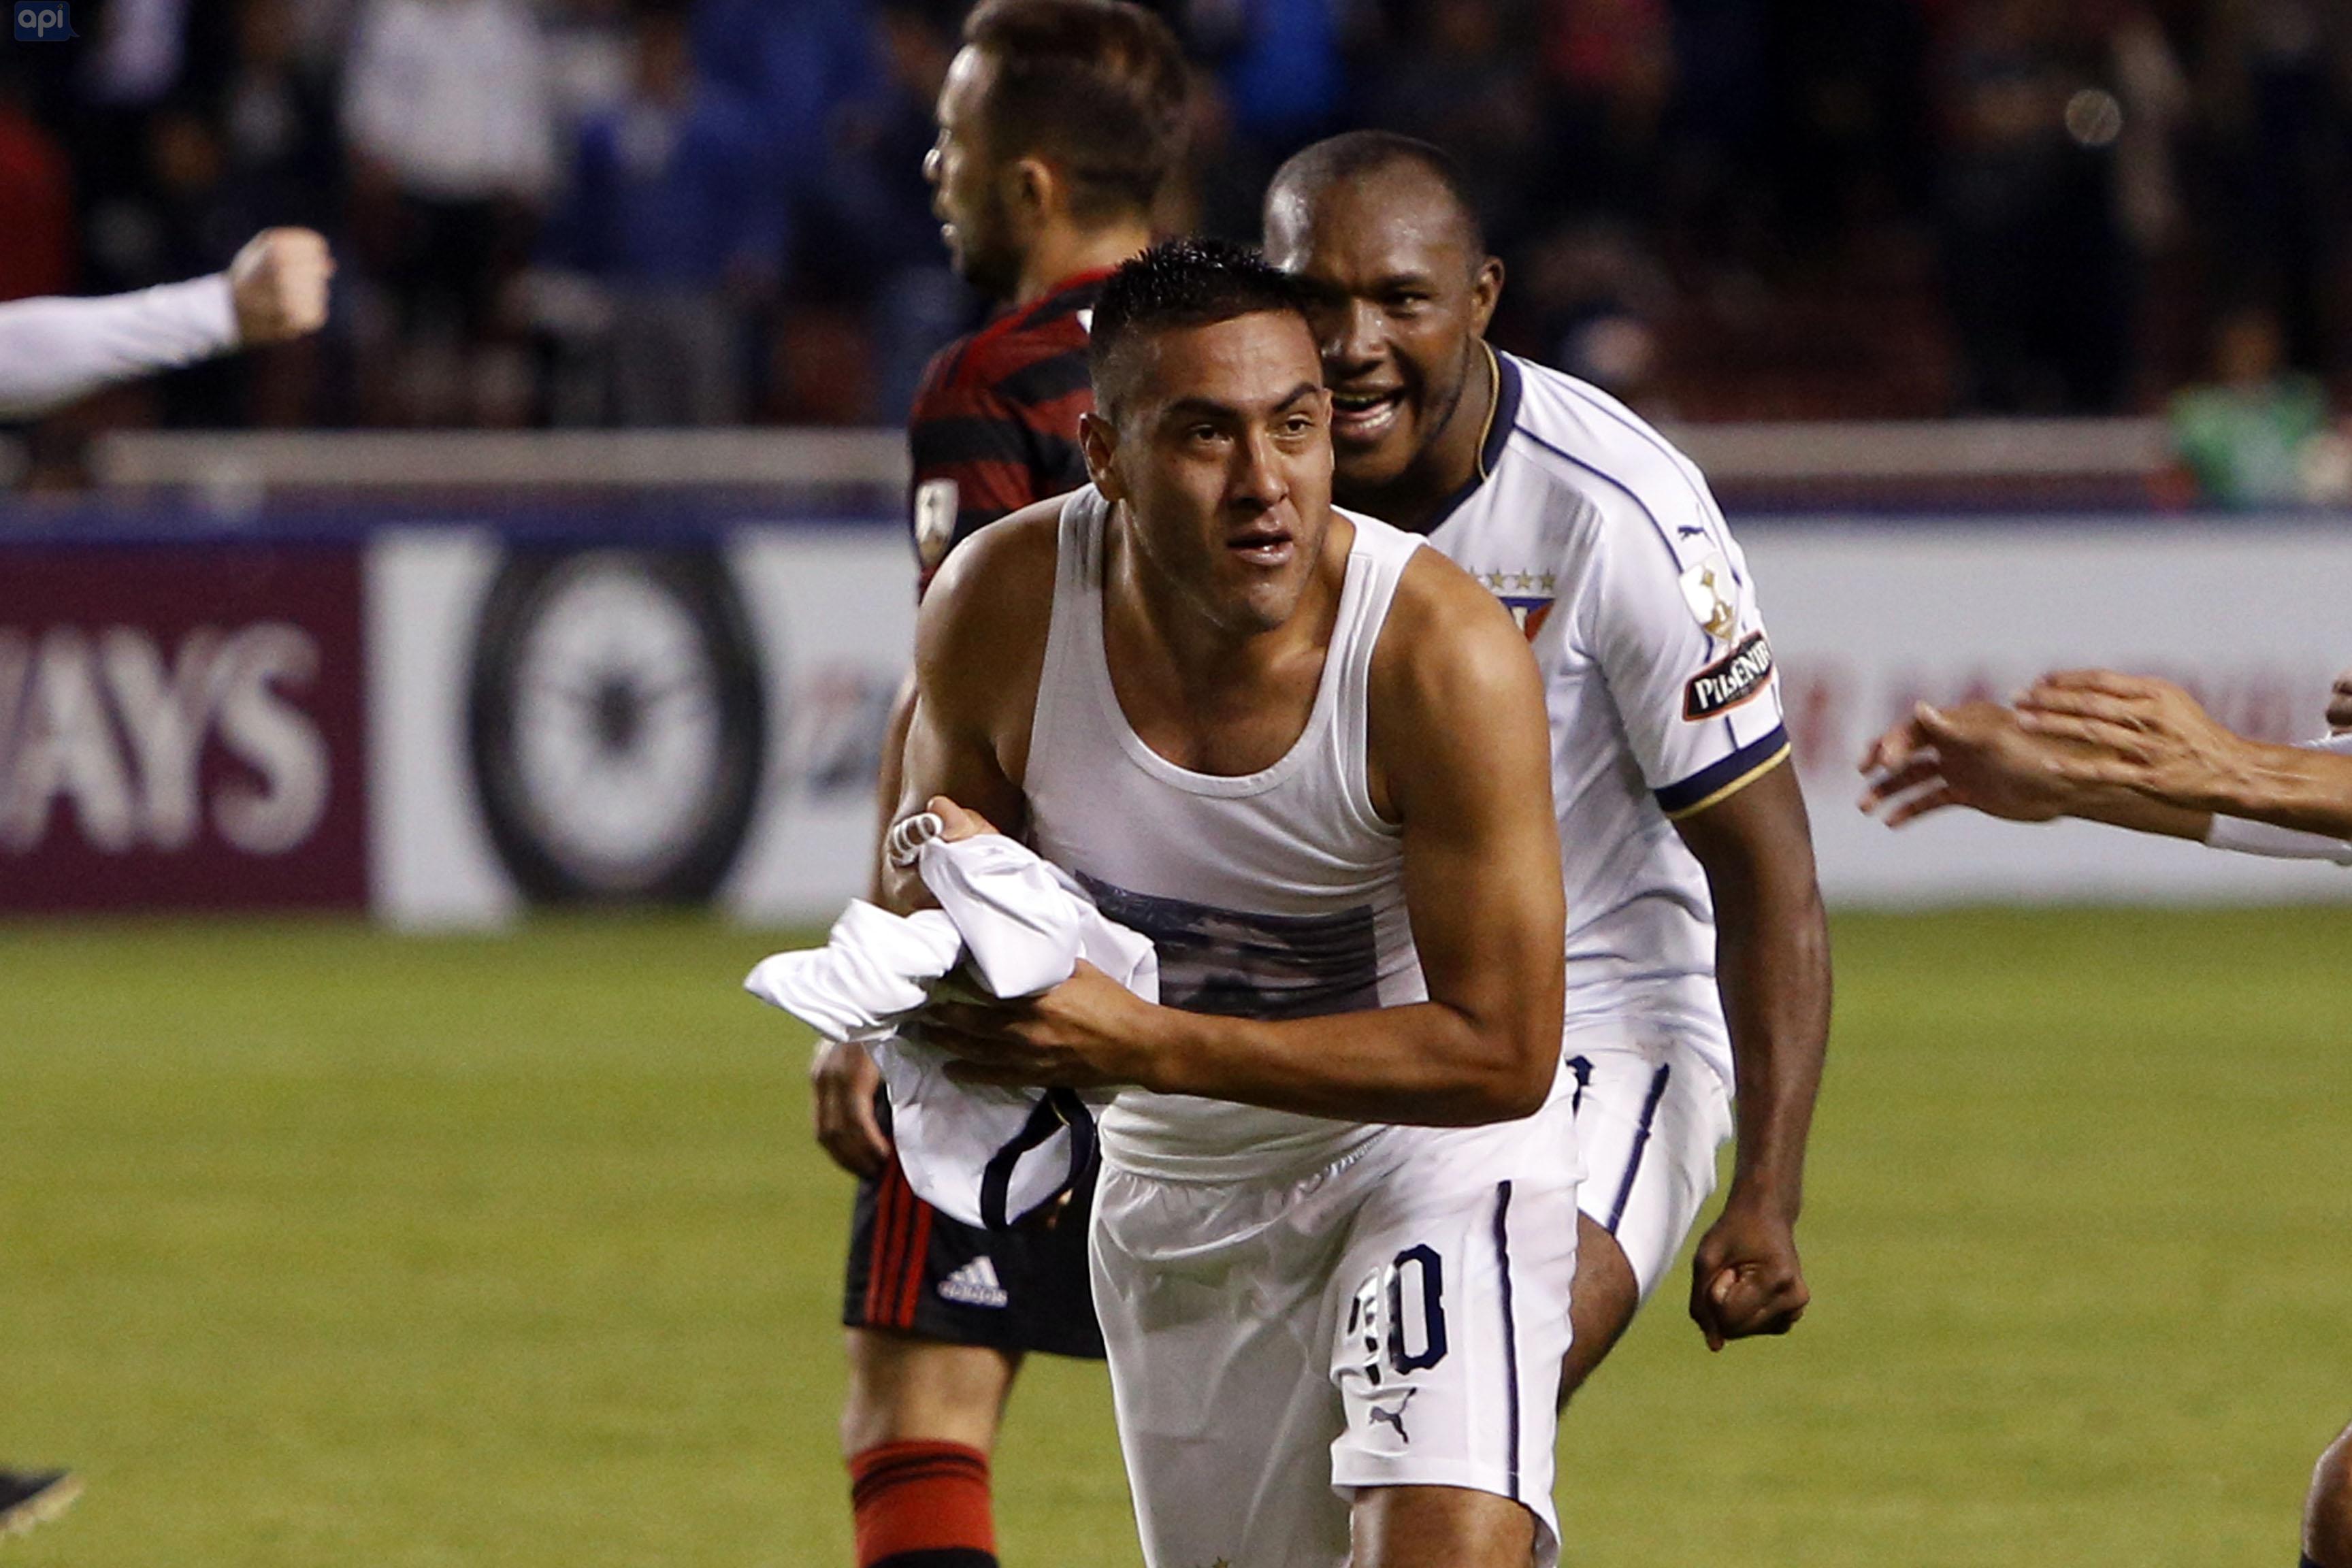 Esteban Paz se refirió a la titularidad de Andrés Chicaiza frente a Boca Juniors y trató sobre su posible salida a finales de año